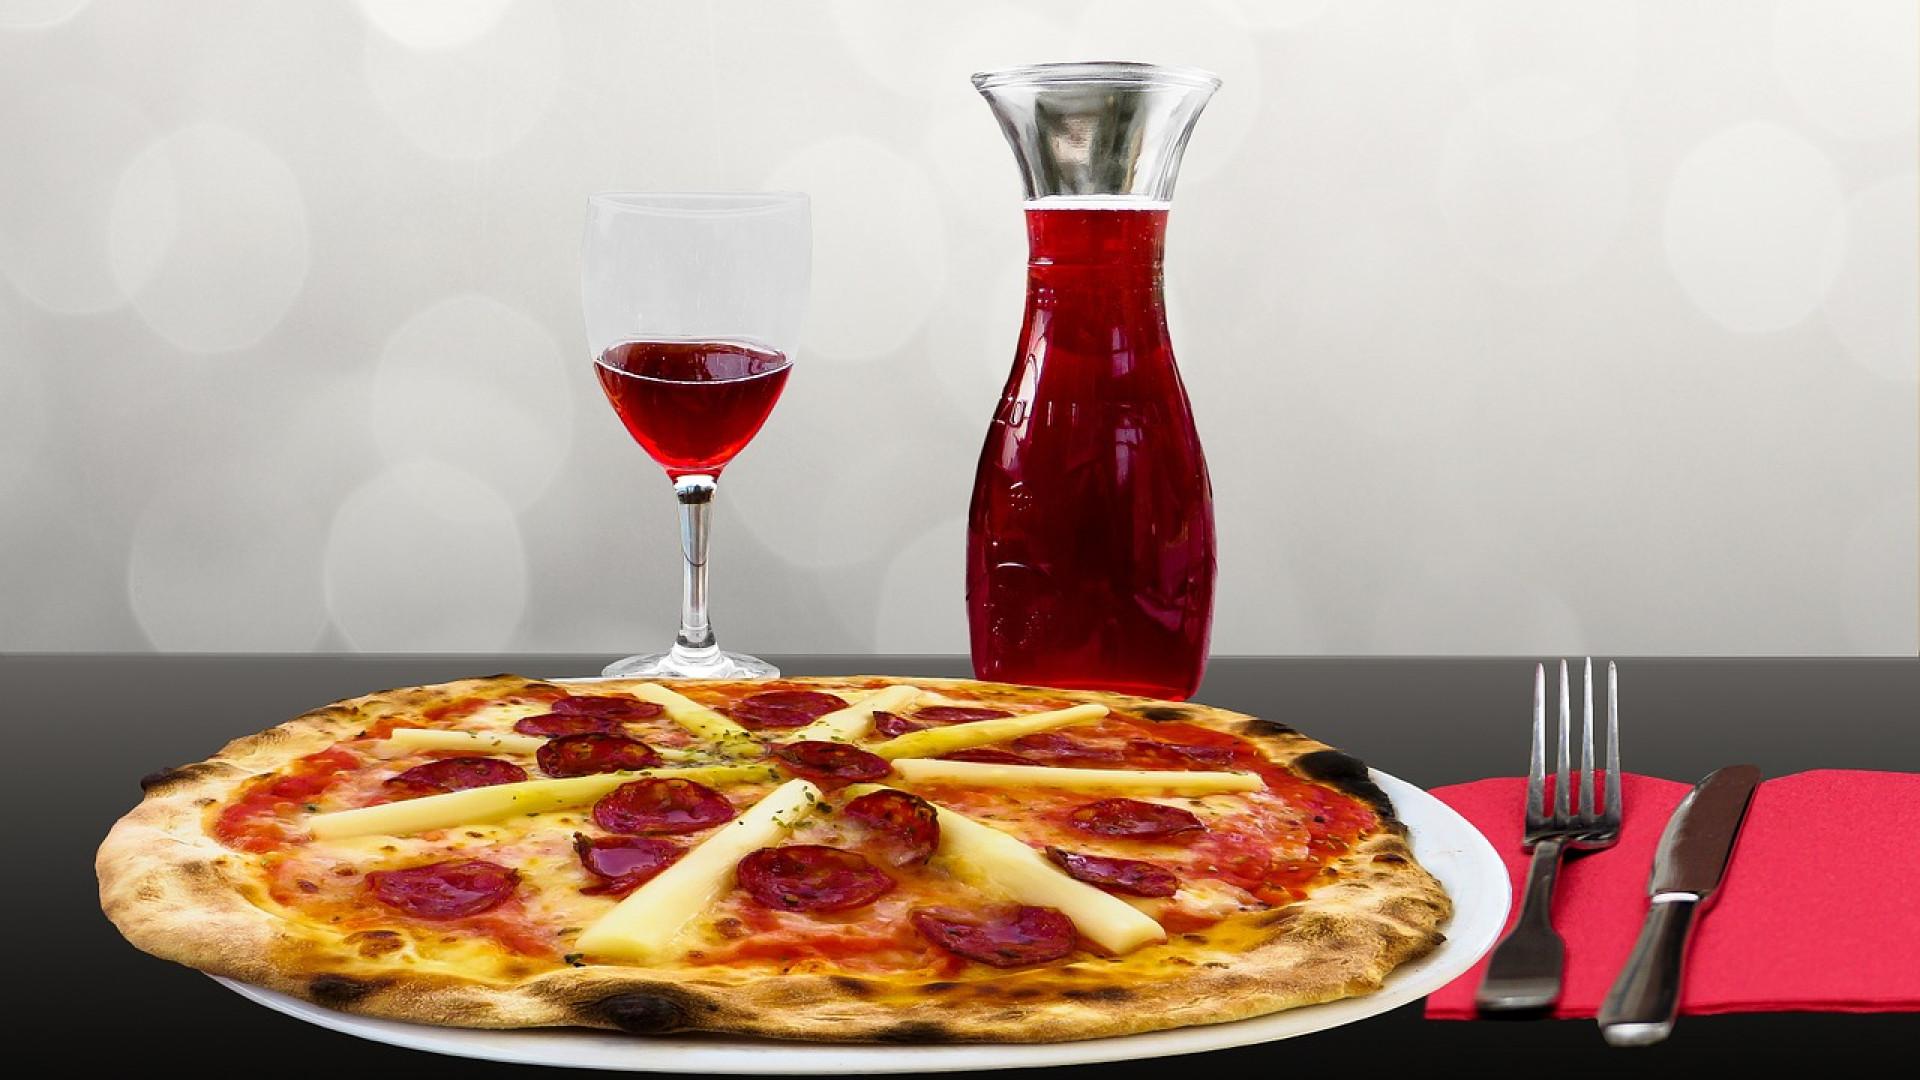 e1e47a5604ab8707a756e917c8b87c2c - Pizzas : top 5 des recettes les plus populaires